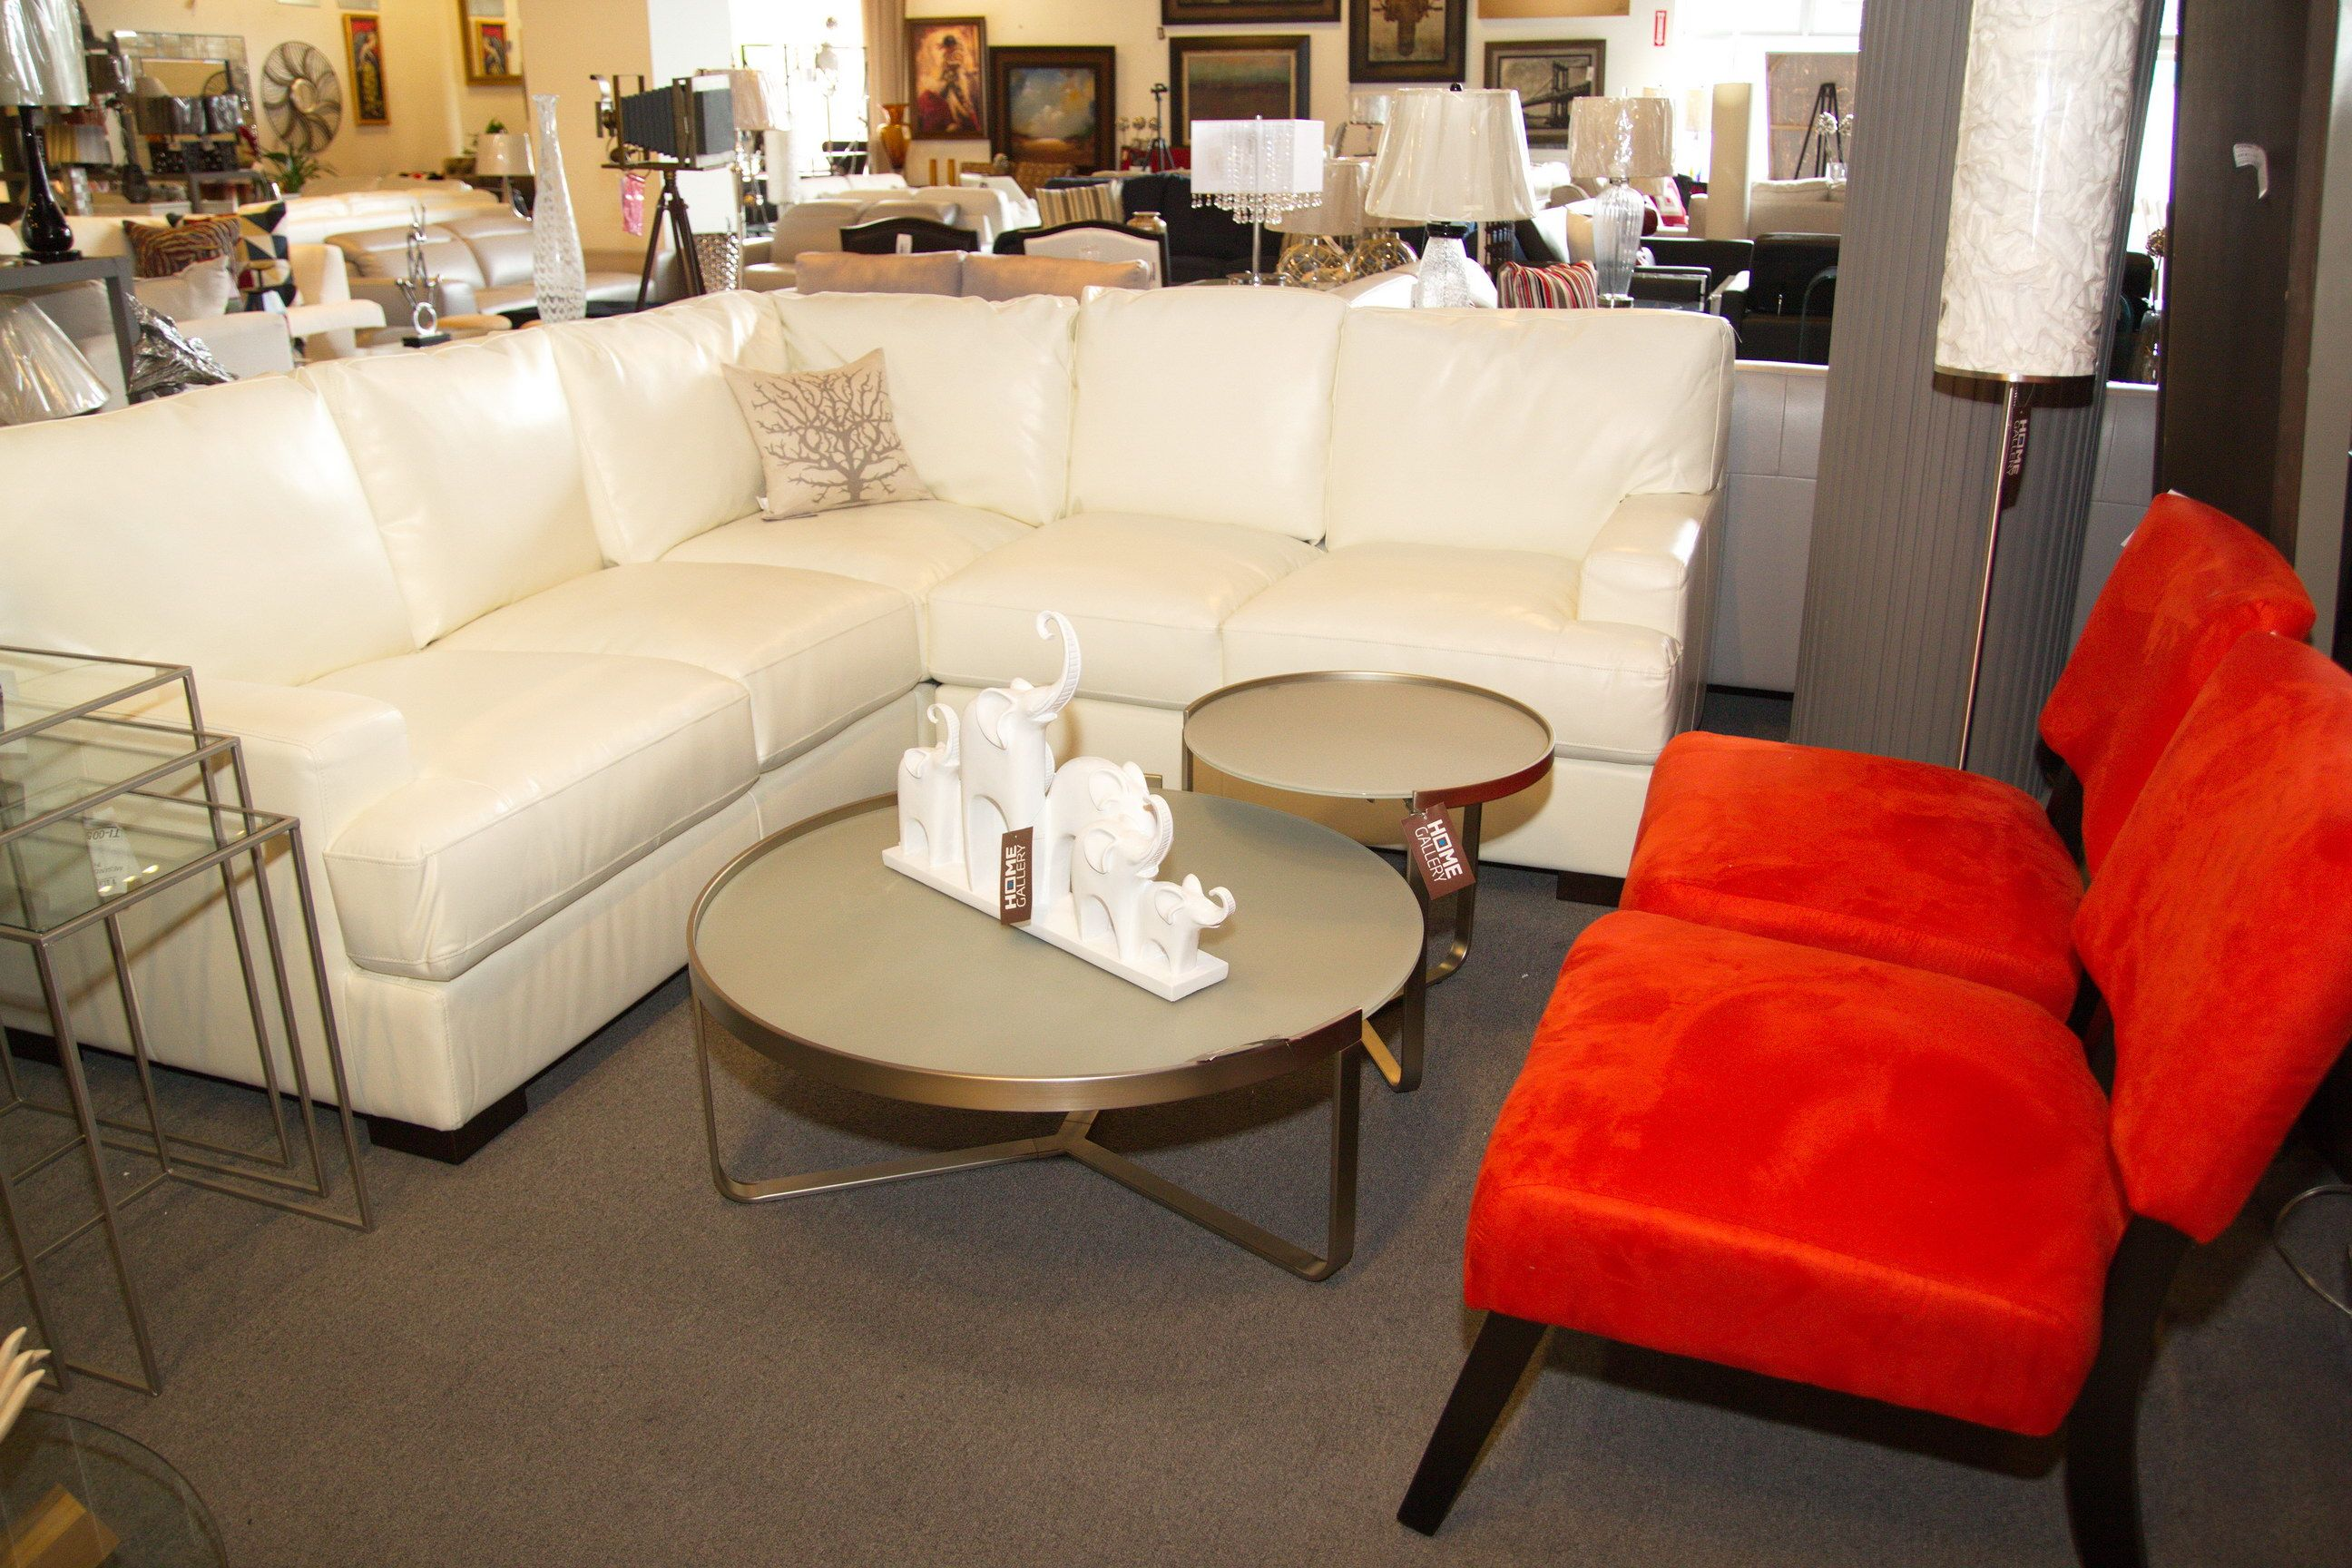 Seccional o sof en forma de l con cojines decorativos y - Cojines decorativos para sofas ...